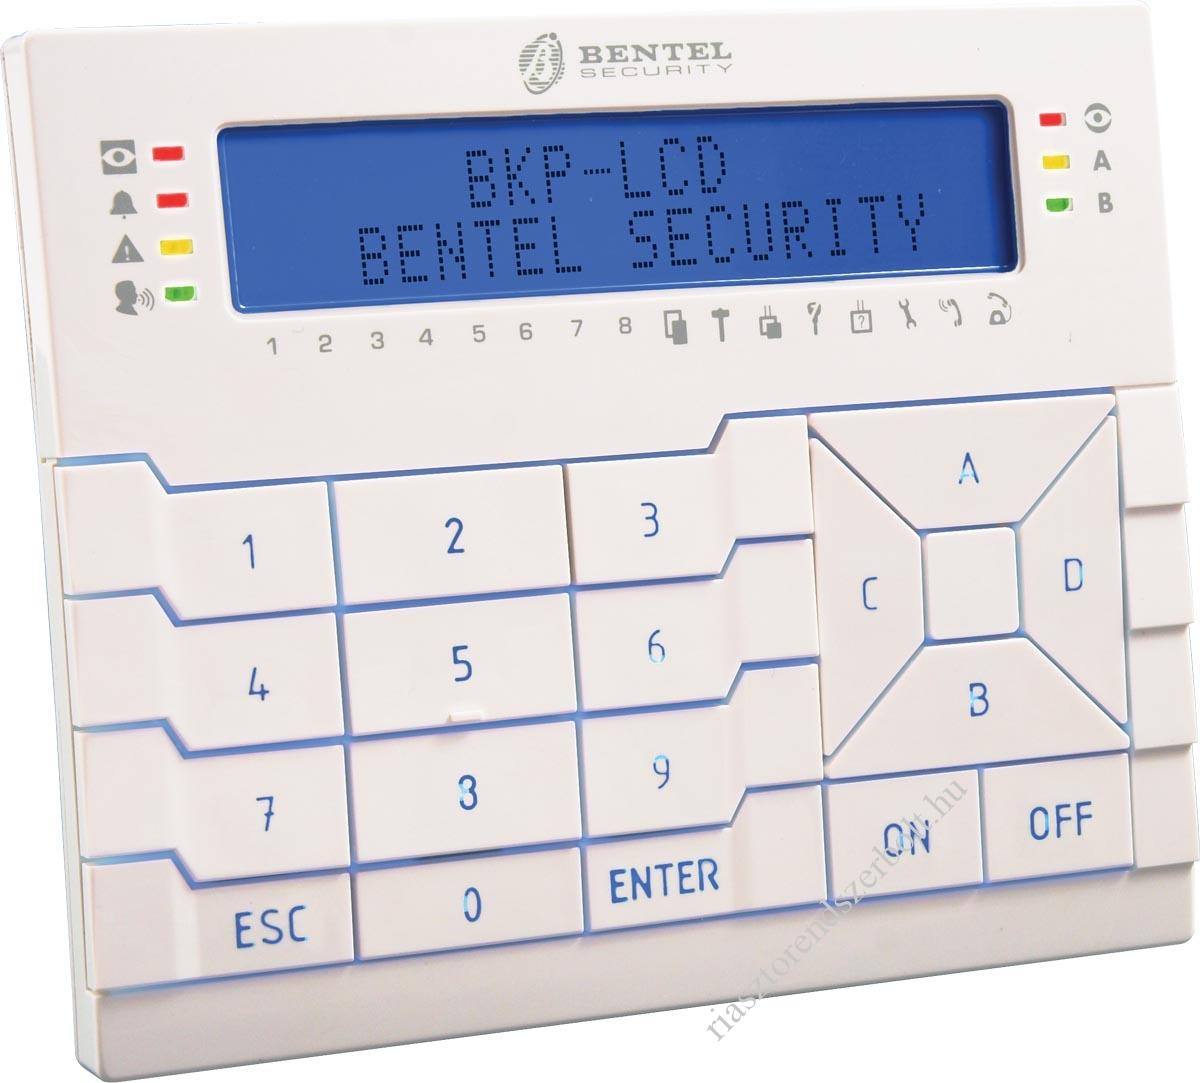 Bentel kezel egys gek tasztat r k bentel proxy olvas s for Bentel kyo 320 prezzo